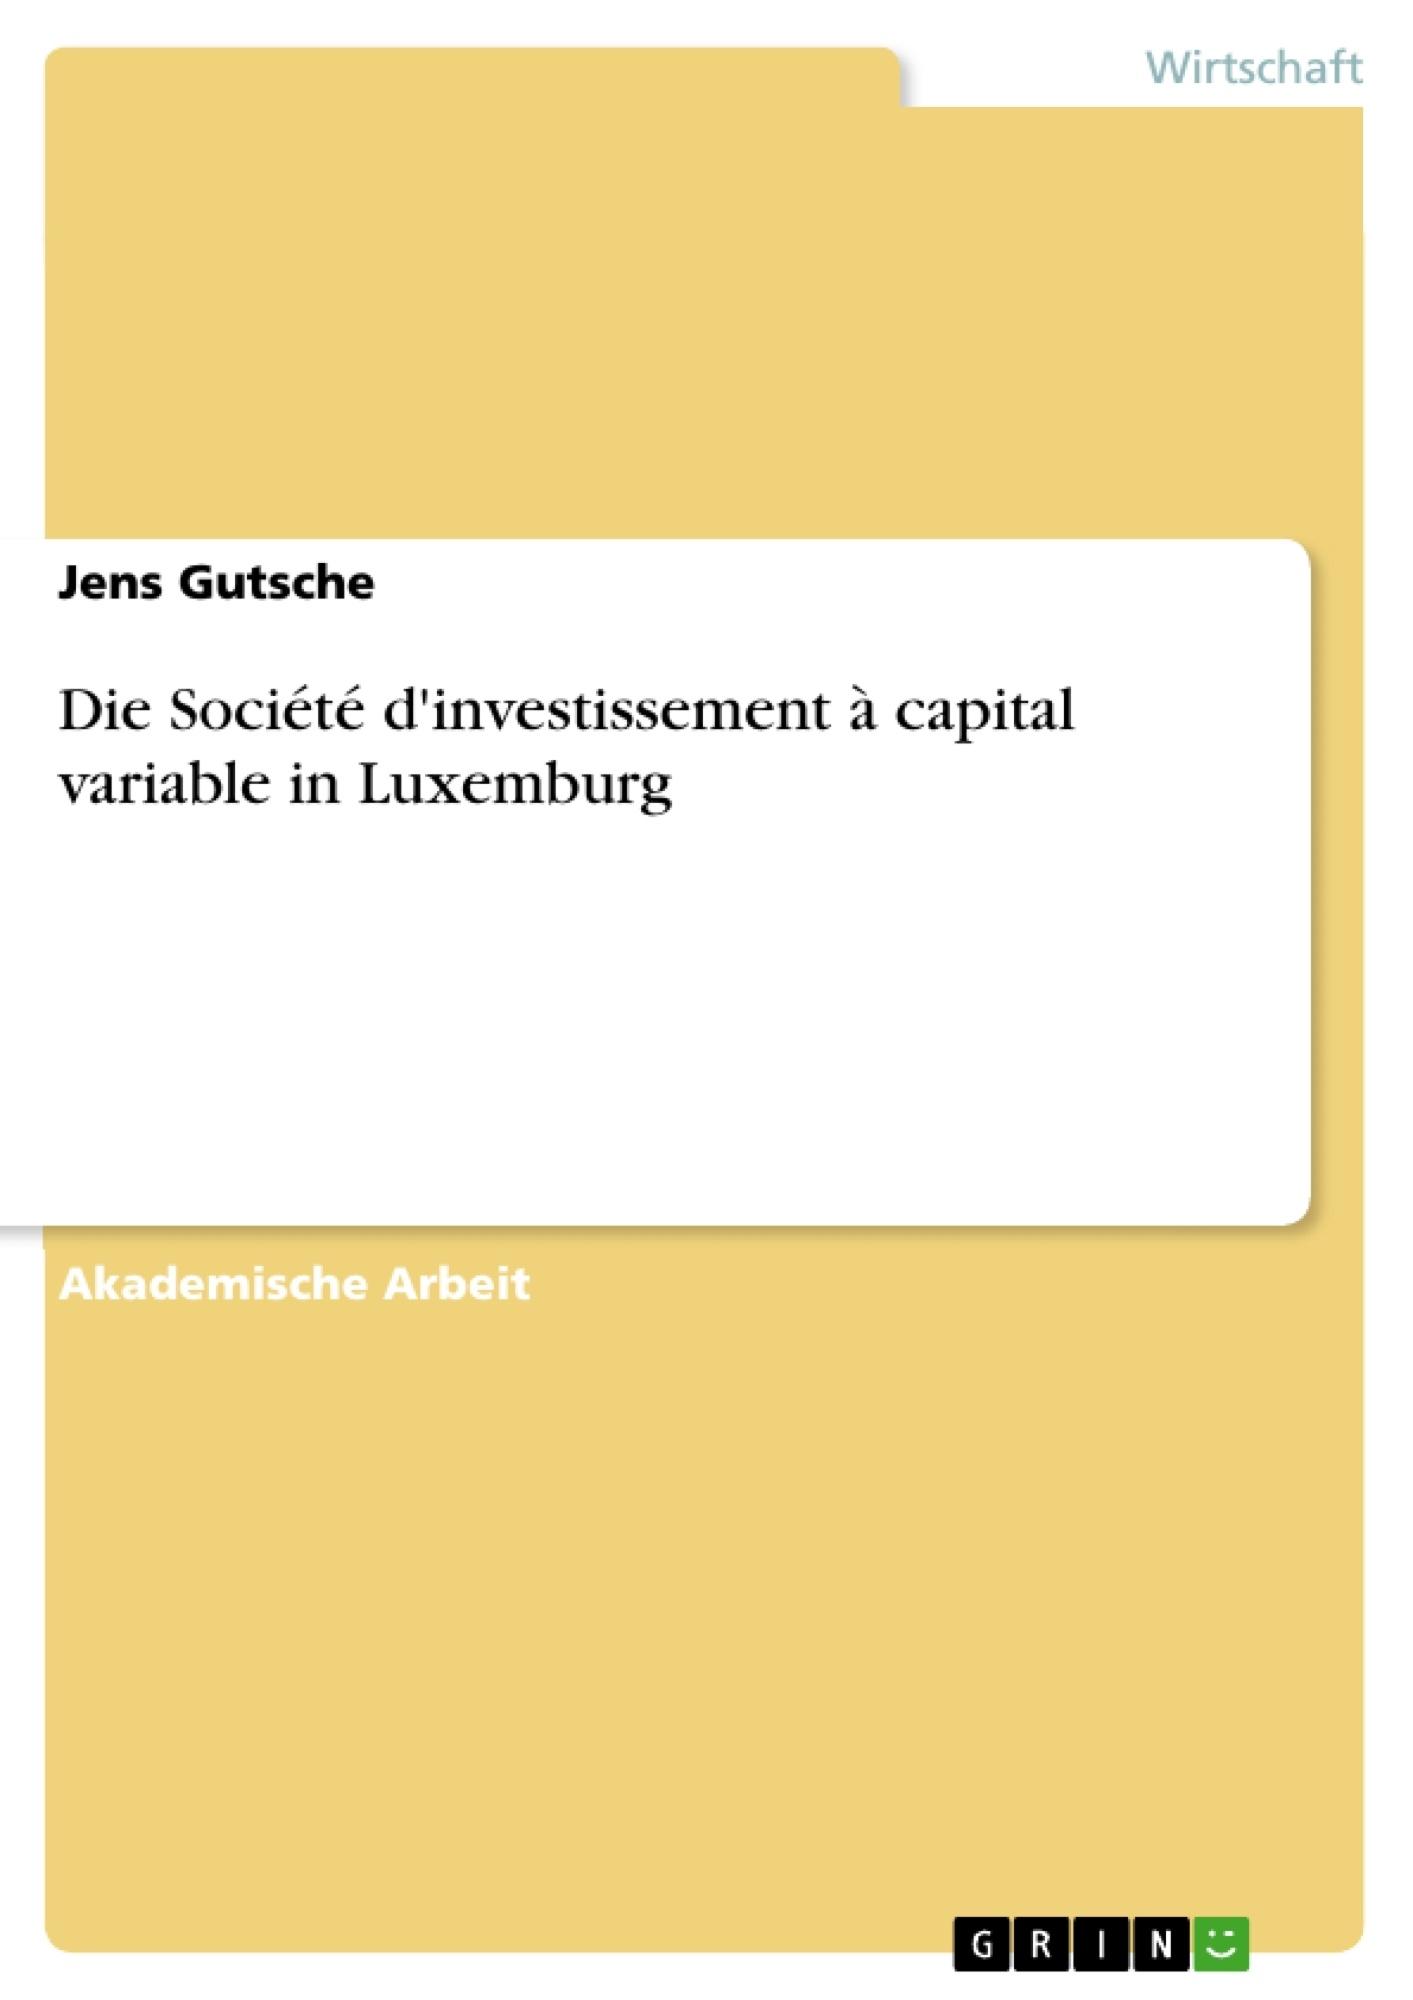 Titel: Die Société d'investissement à capital variable in Luxemburg